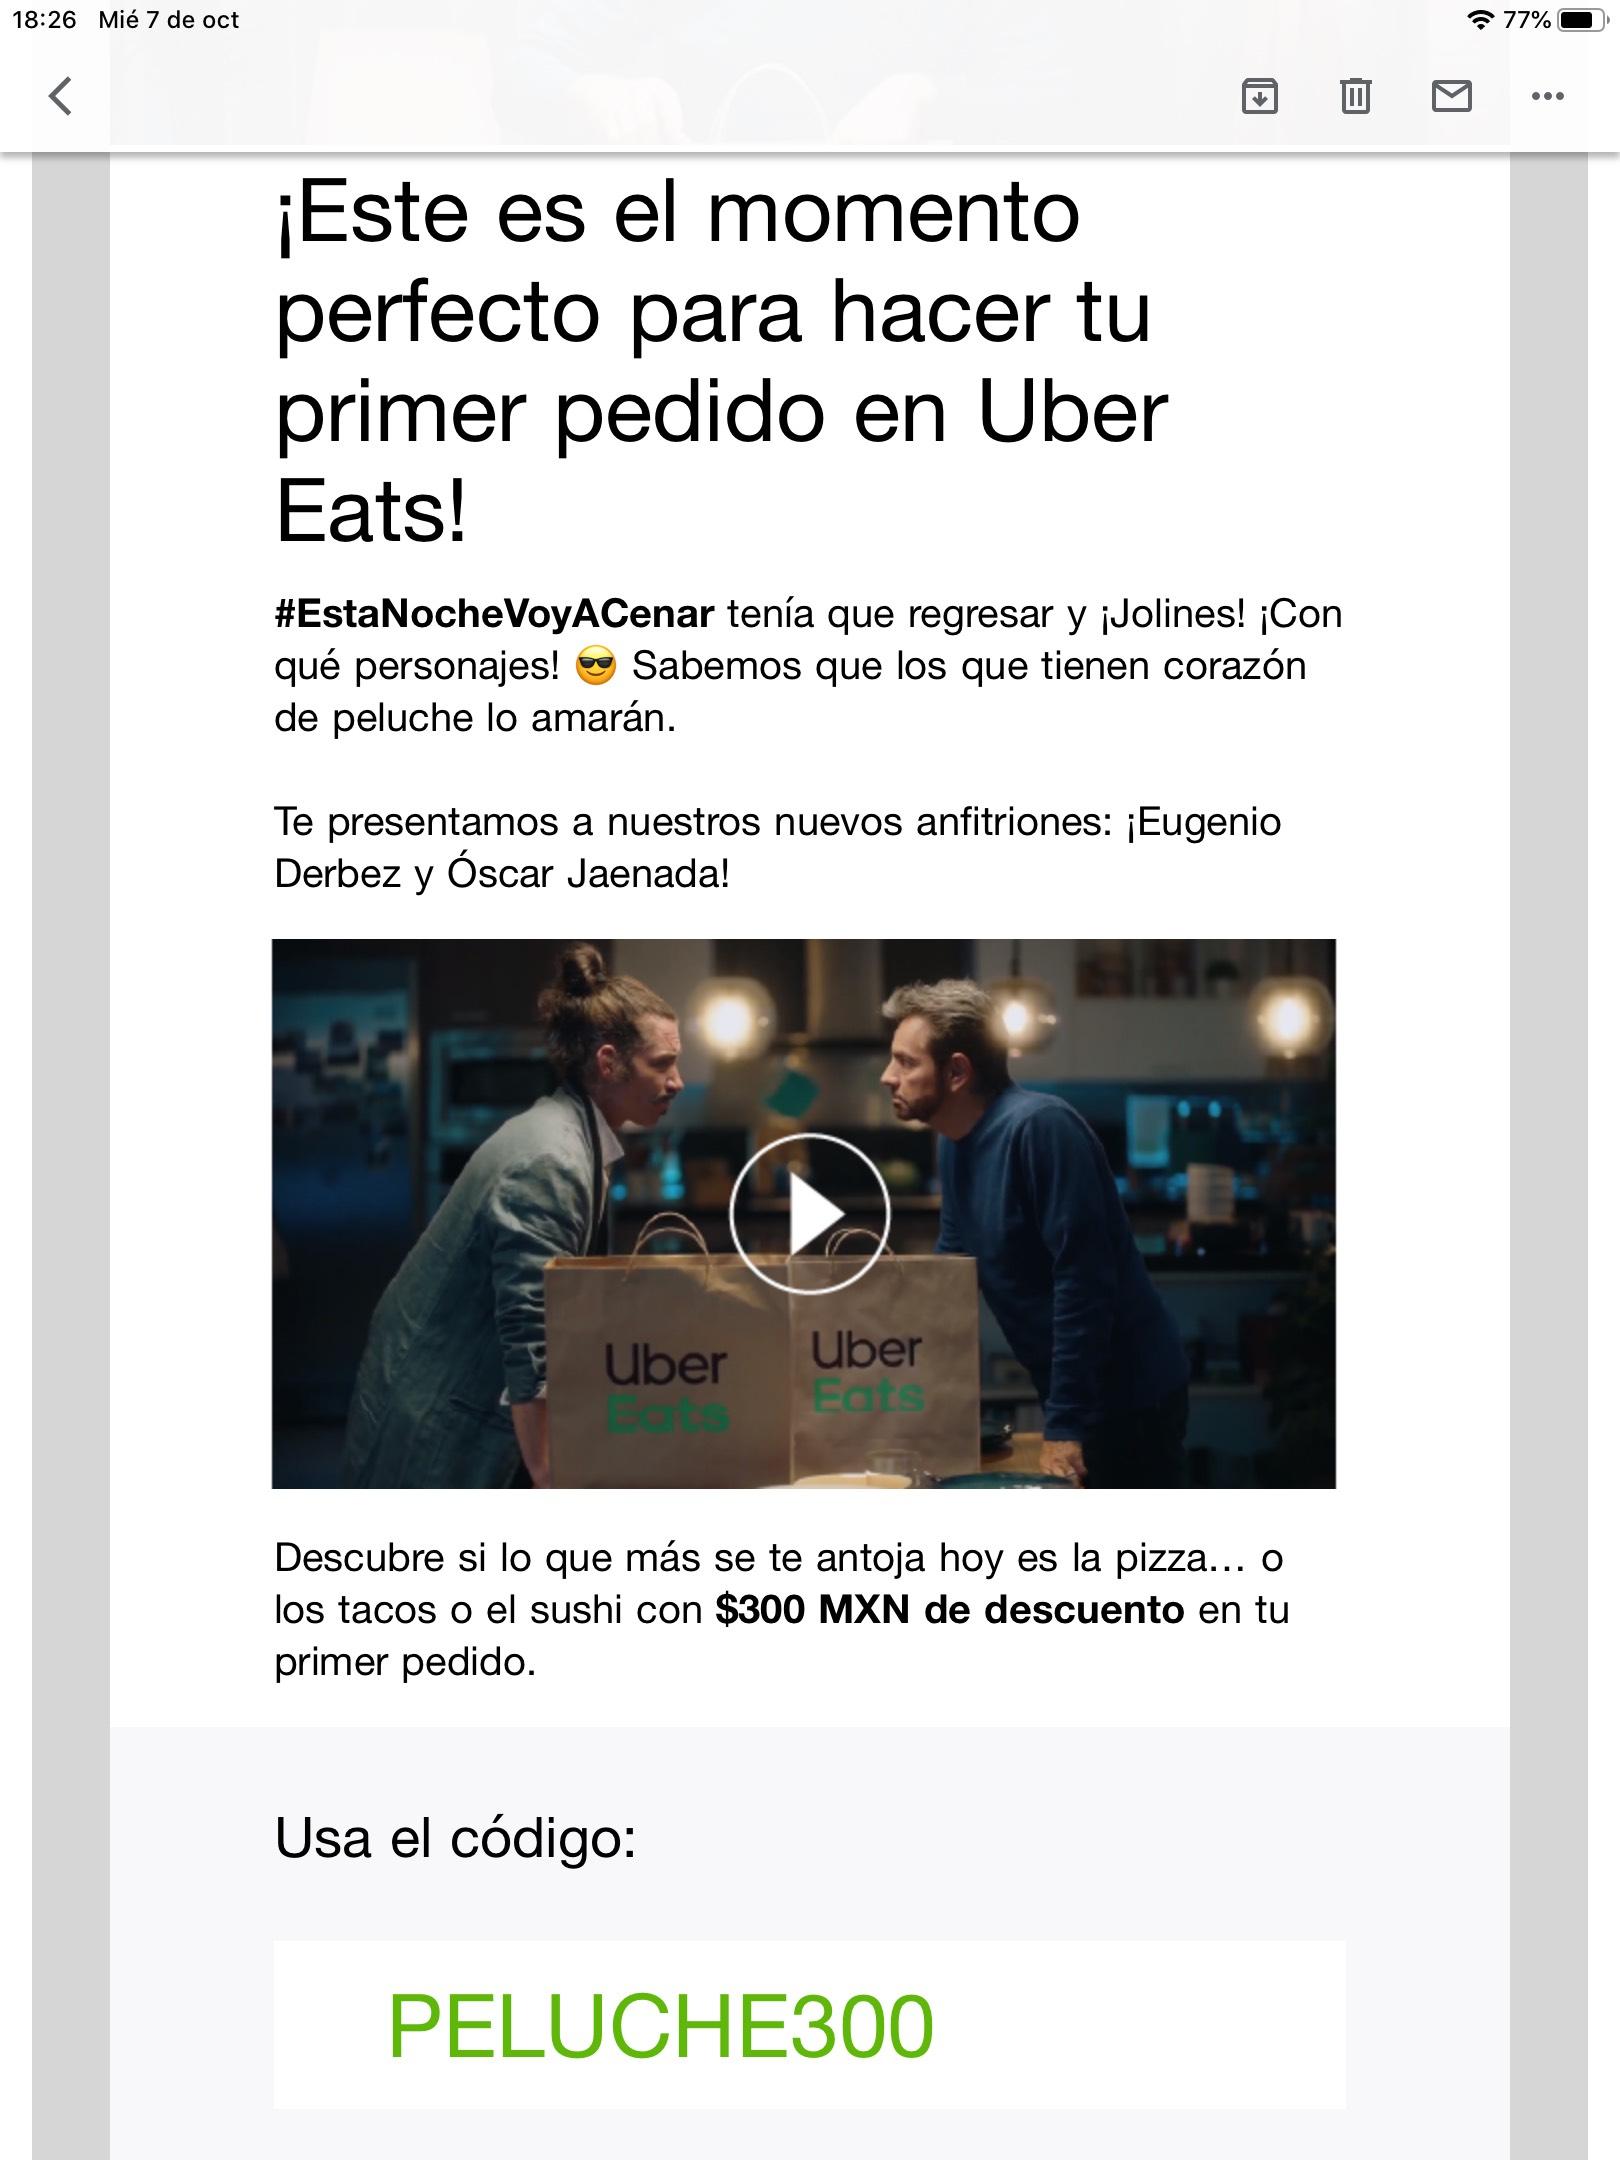 Uber Eats: Descuento de $300 (usuarios seleccionados)